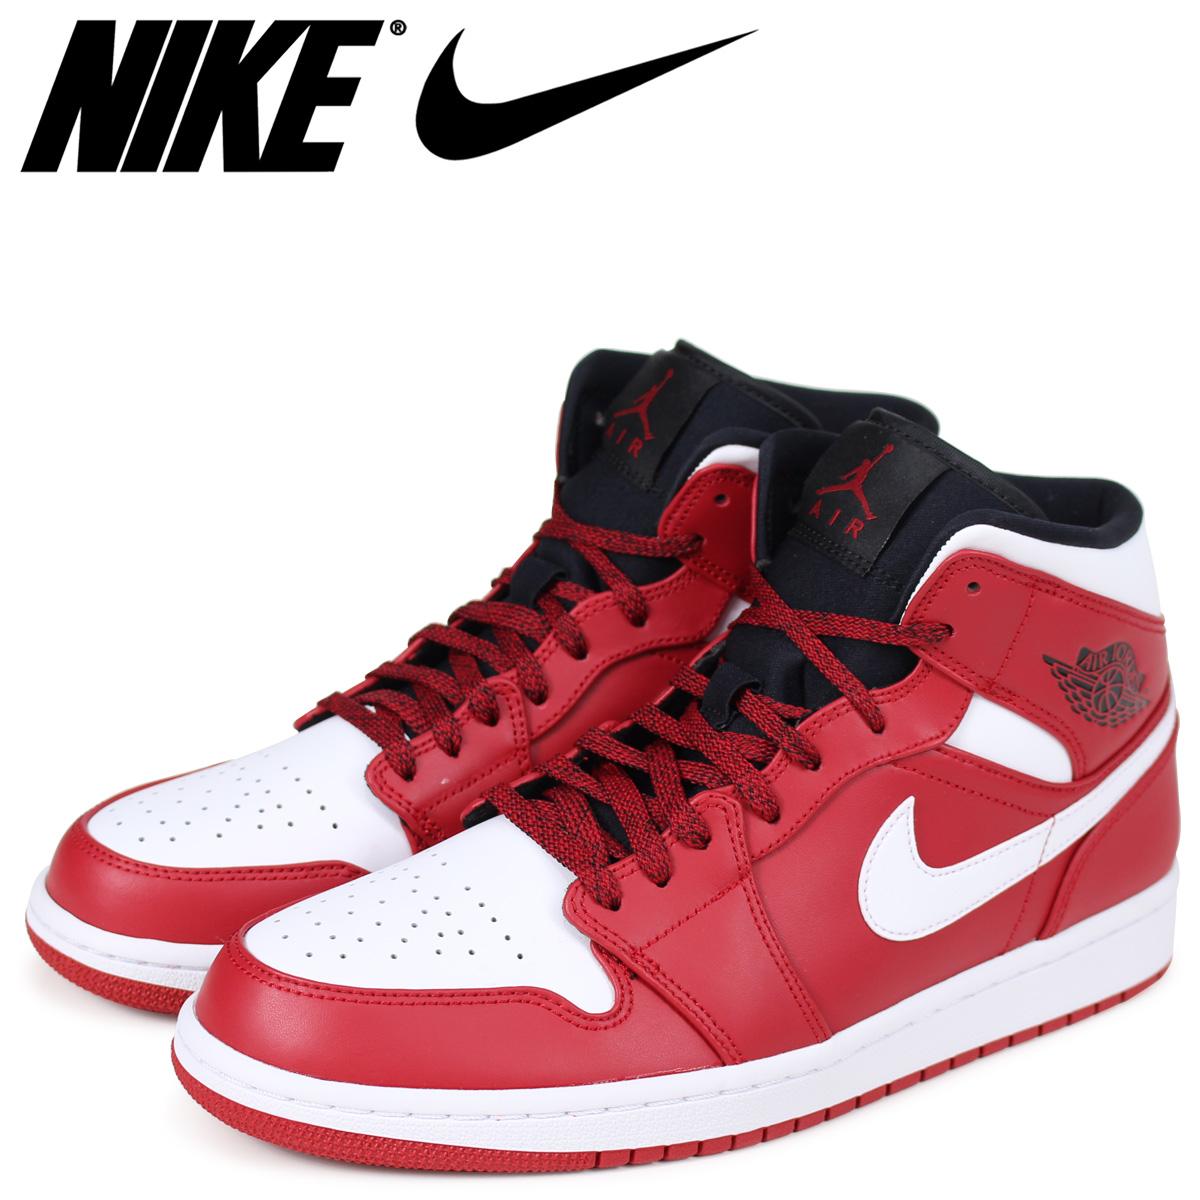 size 40 60ed1 4f498 NIKE Nike Air Jordan 1 sneakers men AIR JORDAN 1 MID 554,724-605 red red